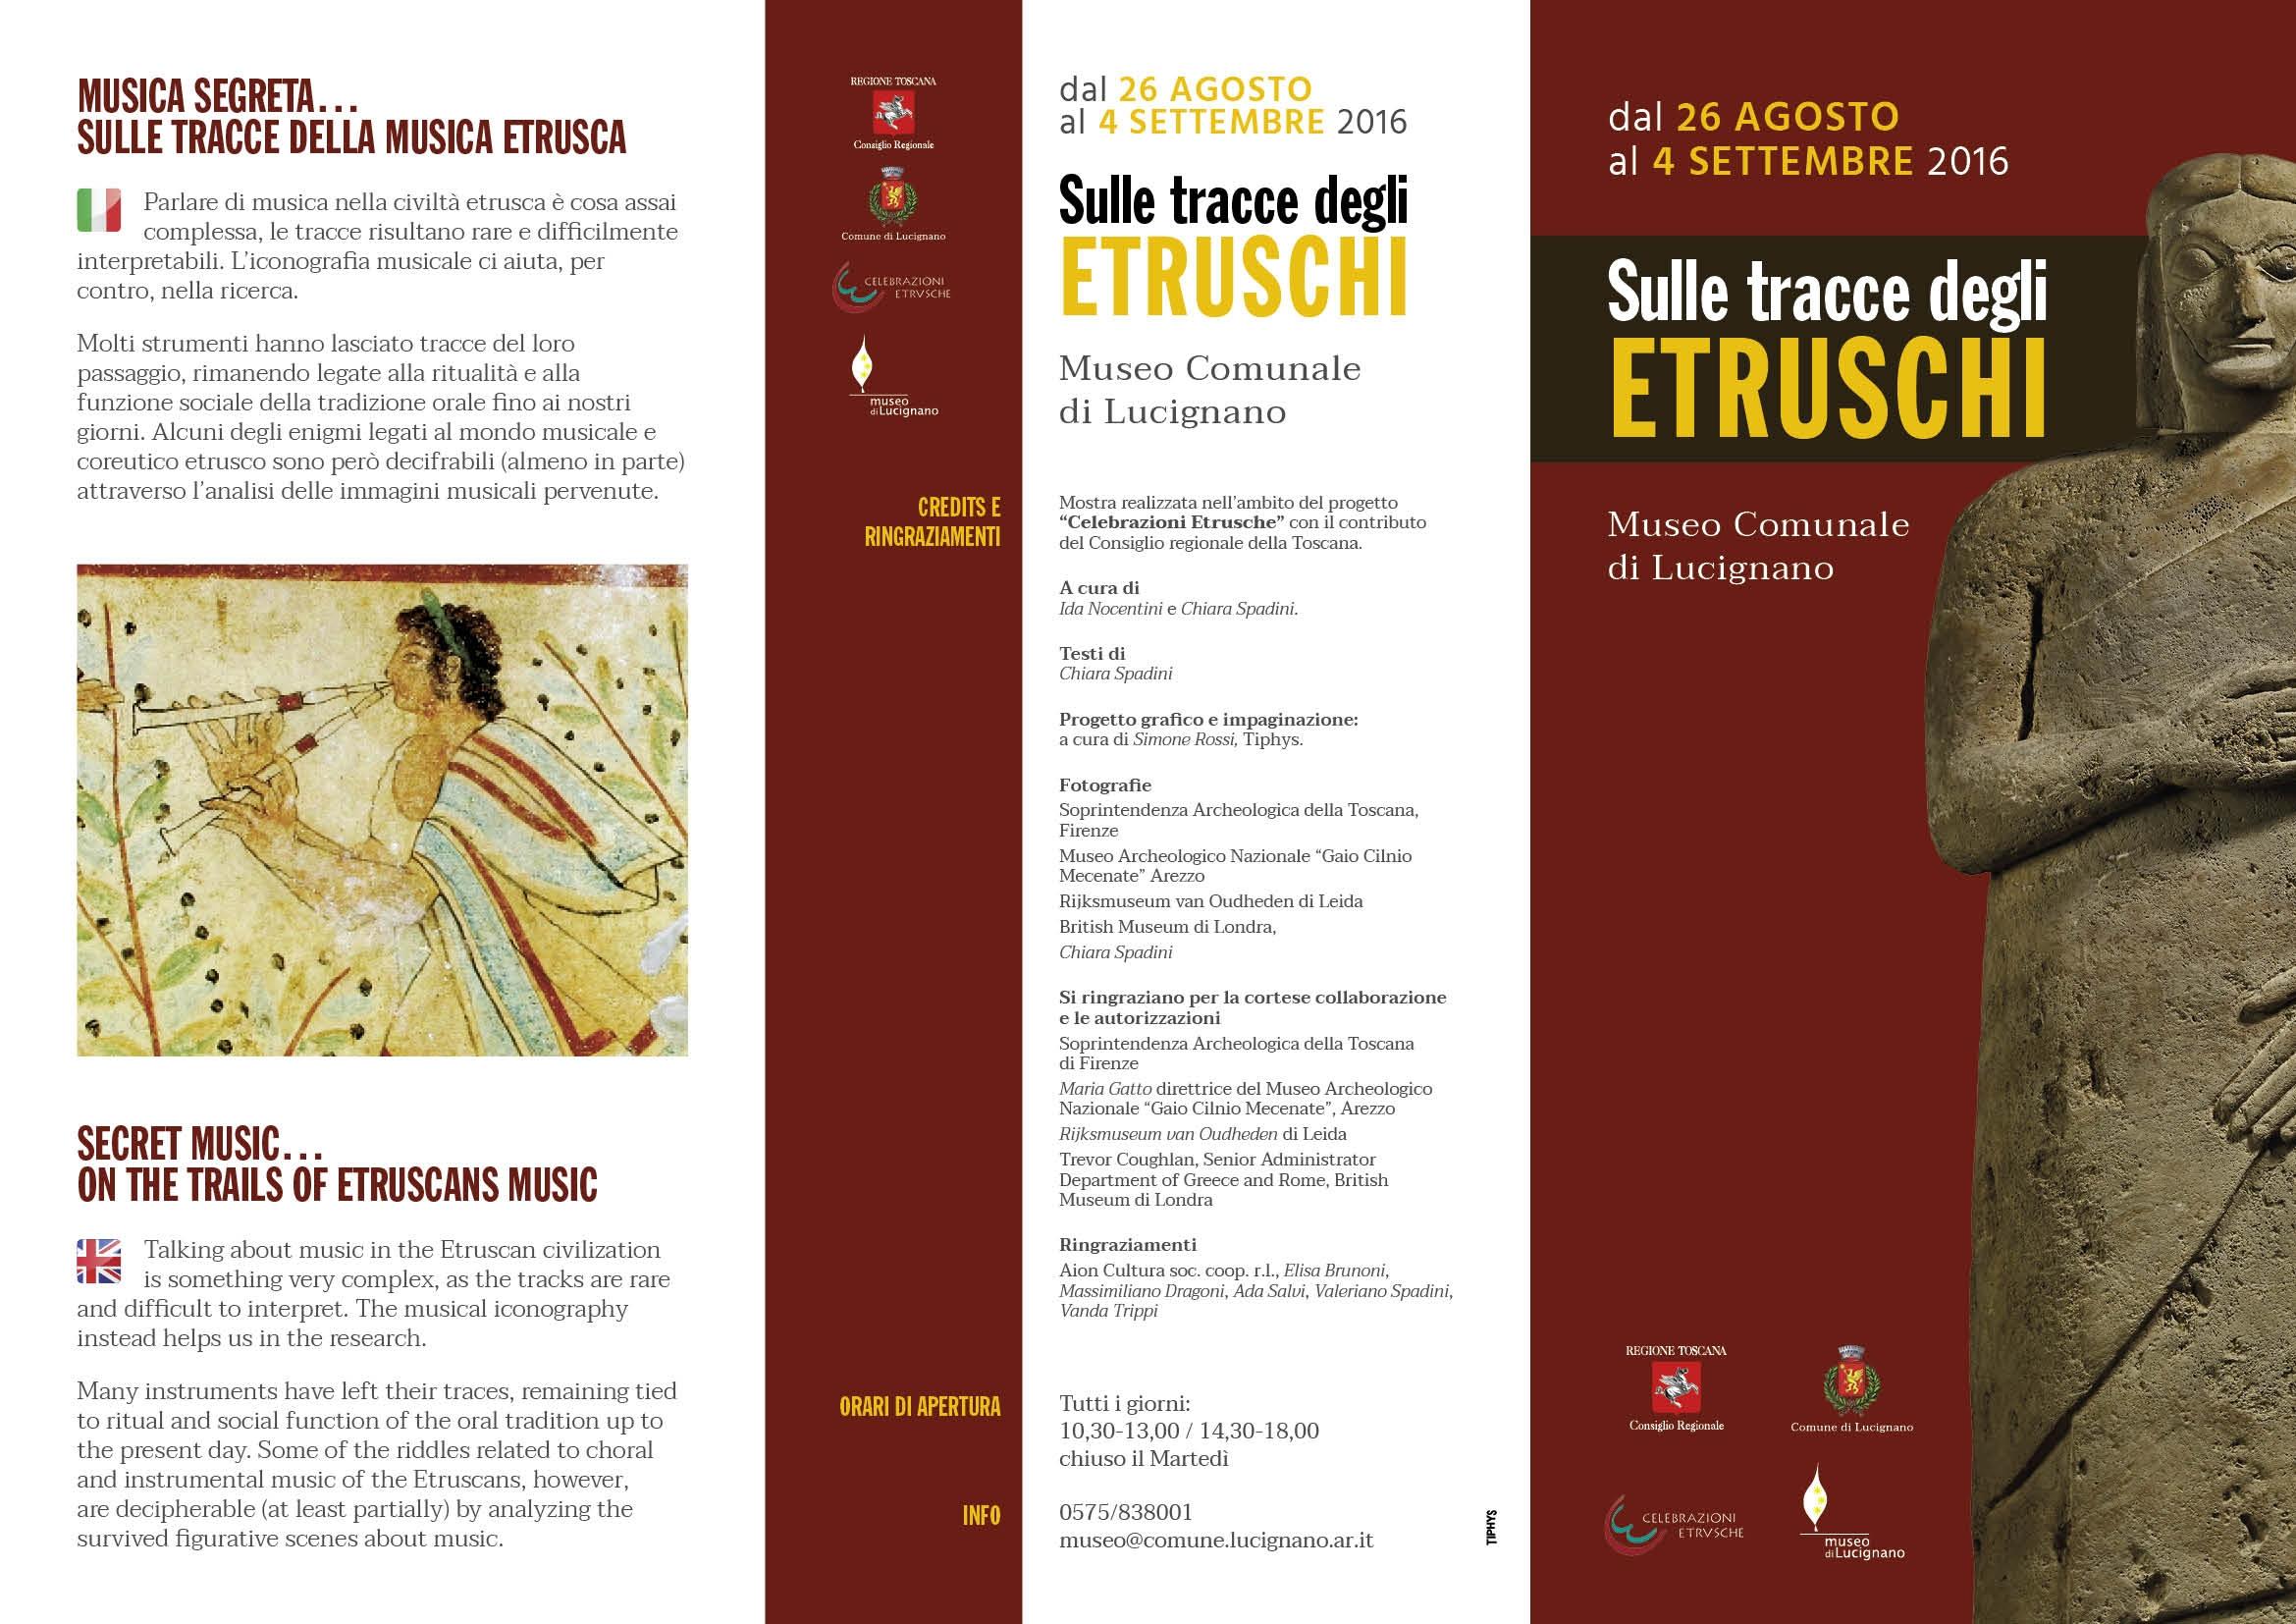 'Sulle tracce degli Etruschi', via alla mostra fotografica a Lucignano